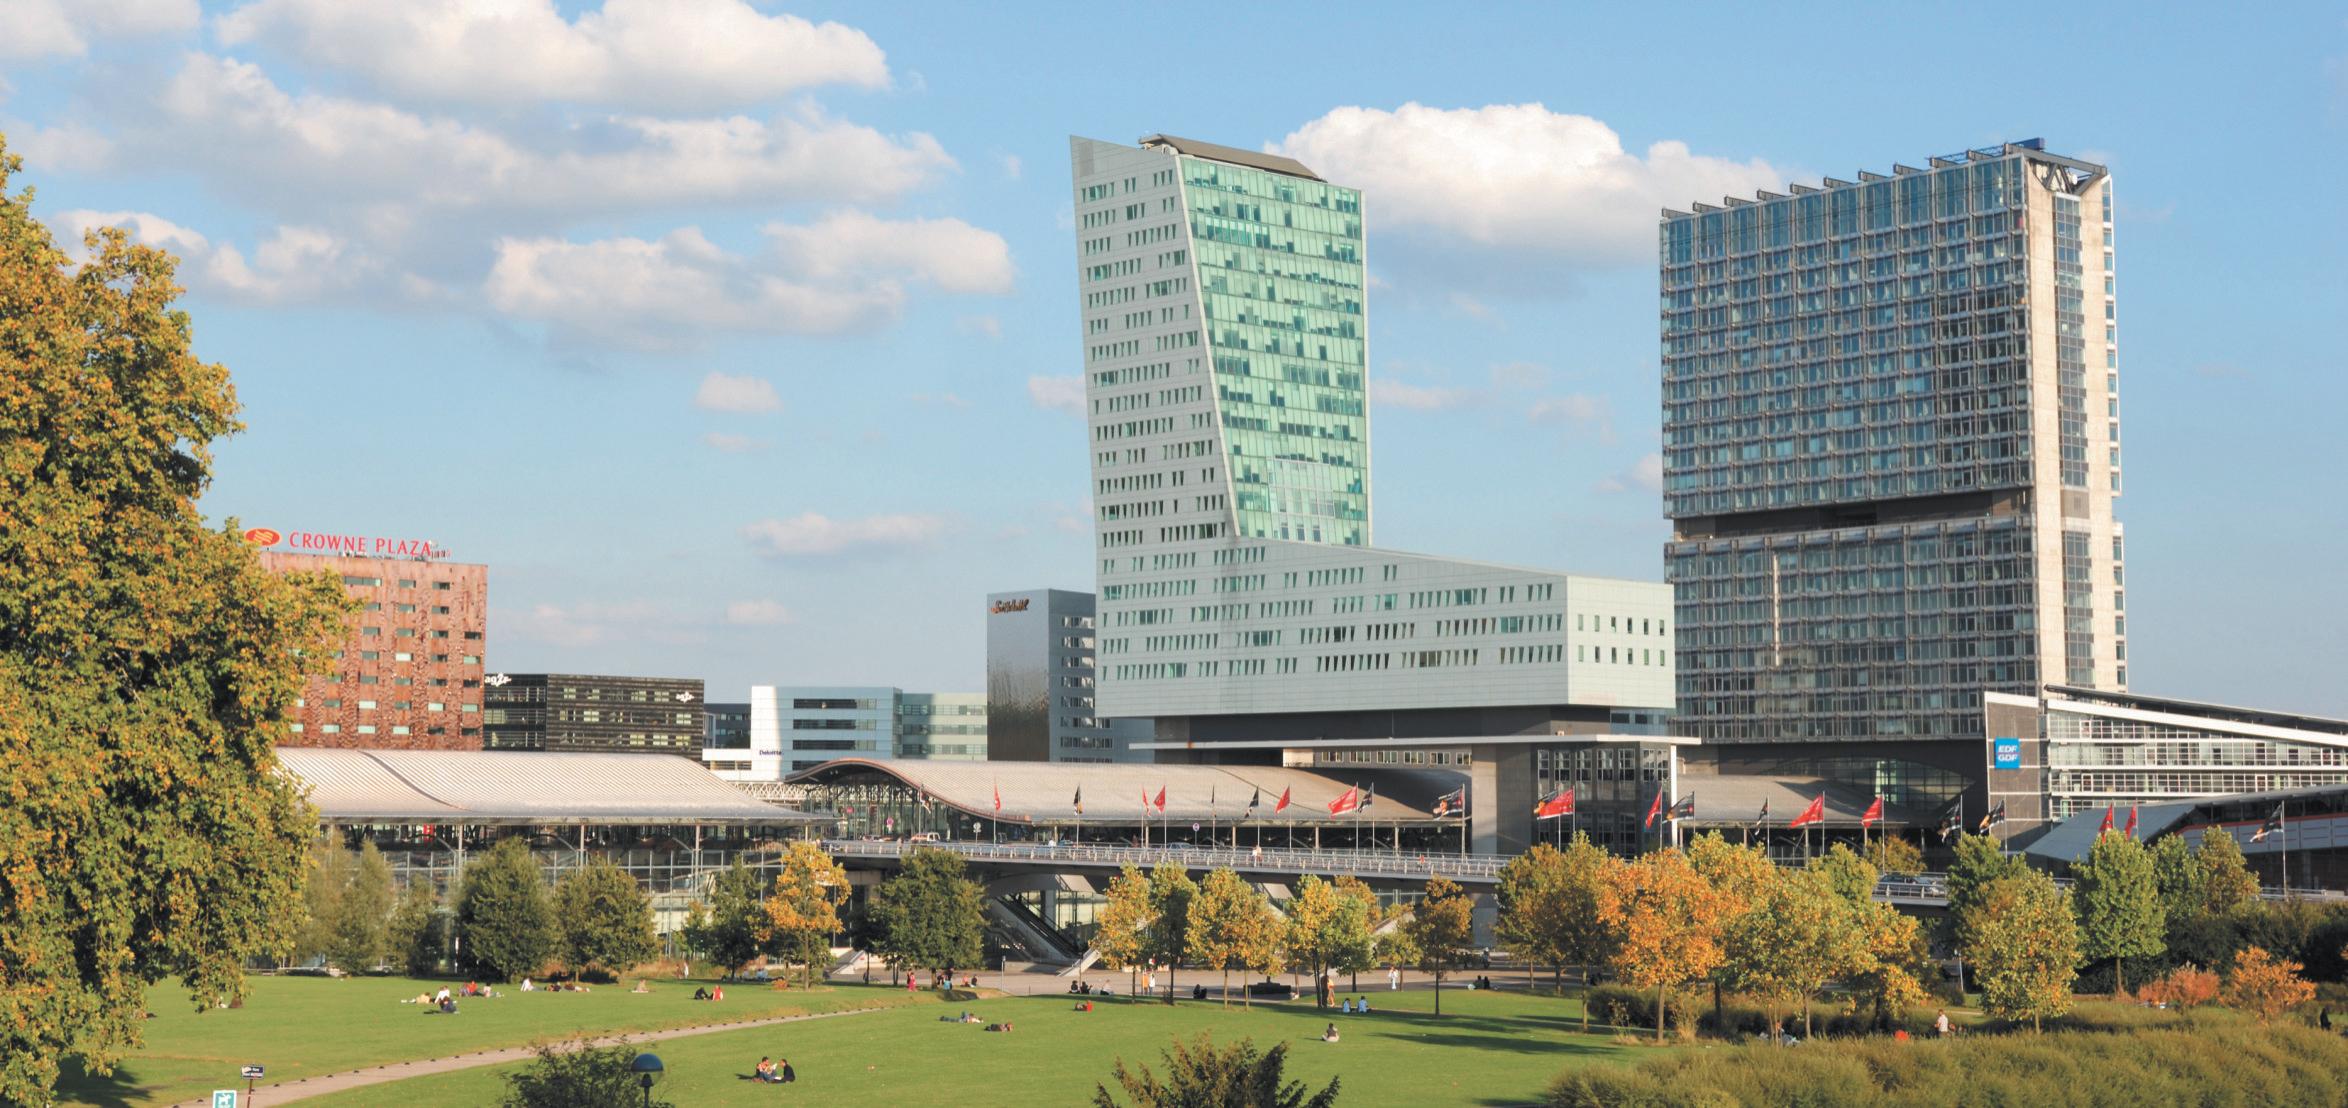 Lille, une superbe remontée, 4e ville où investir